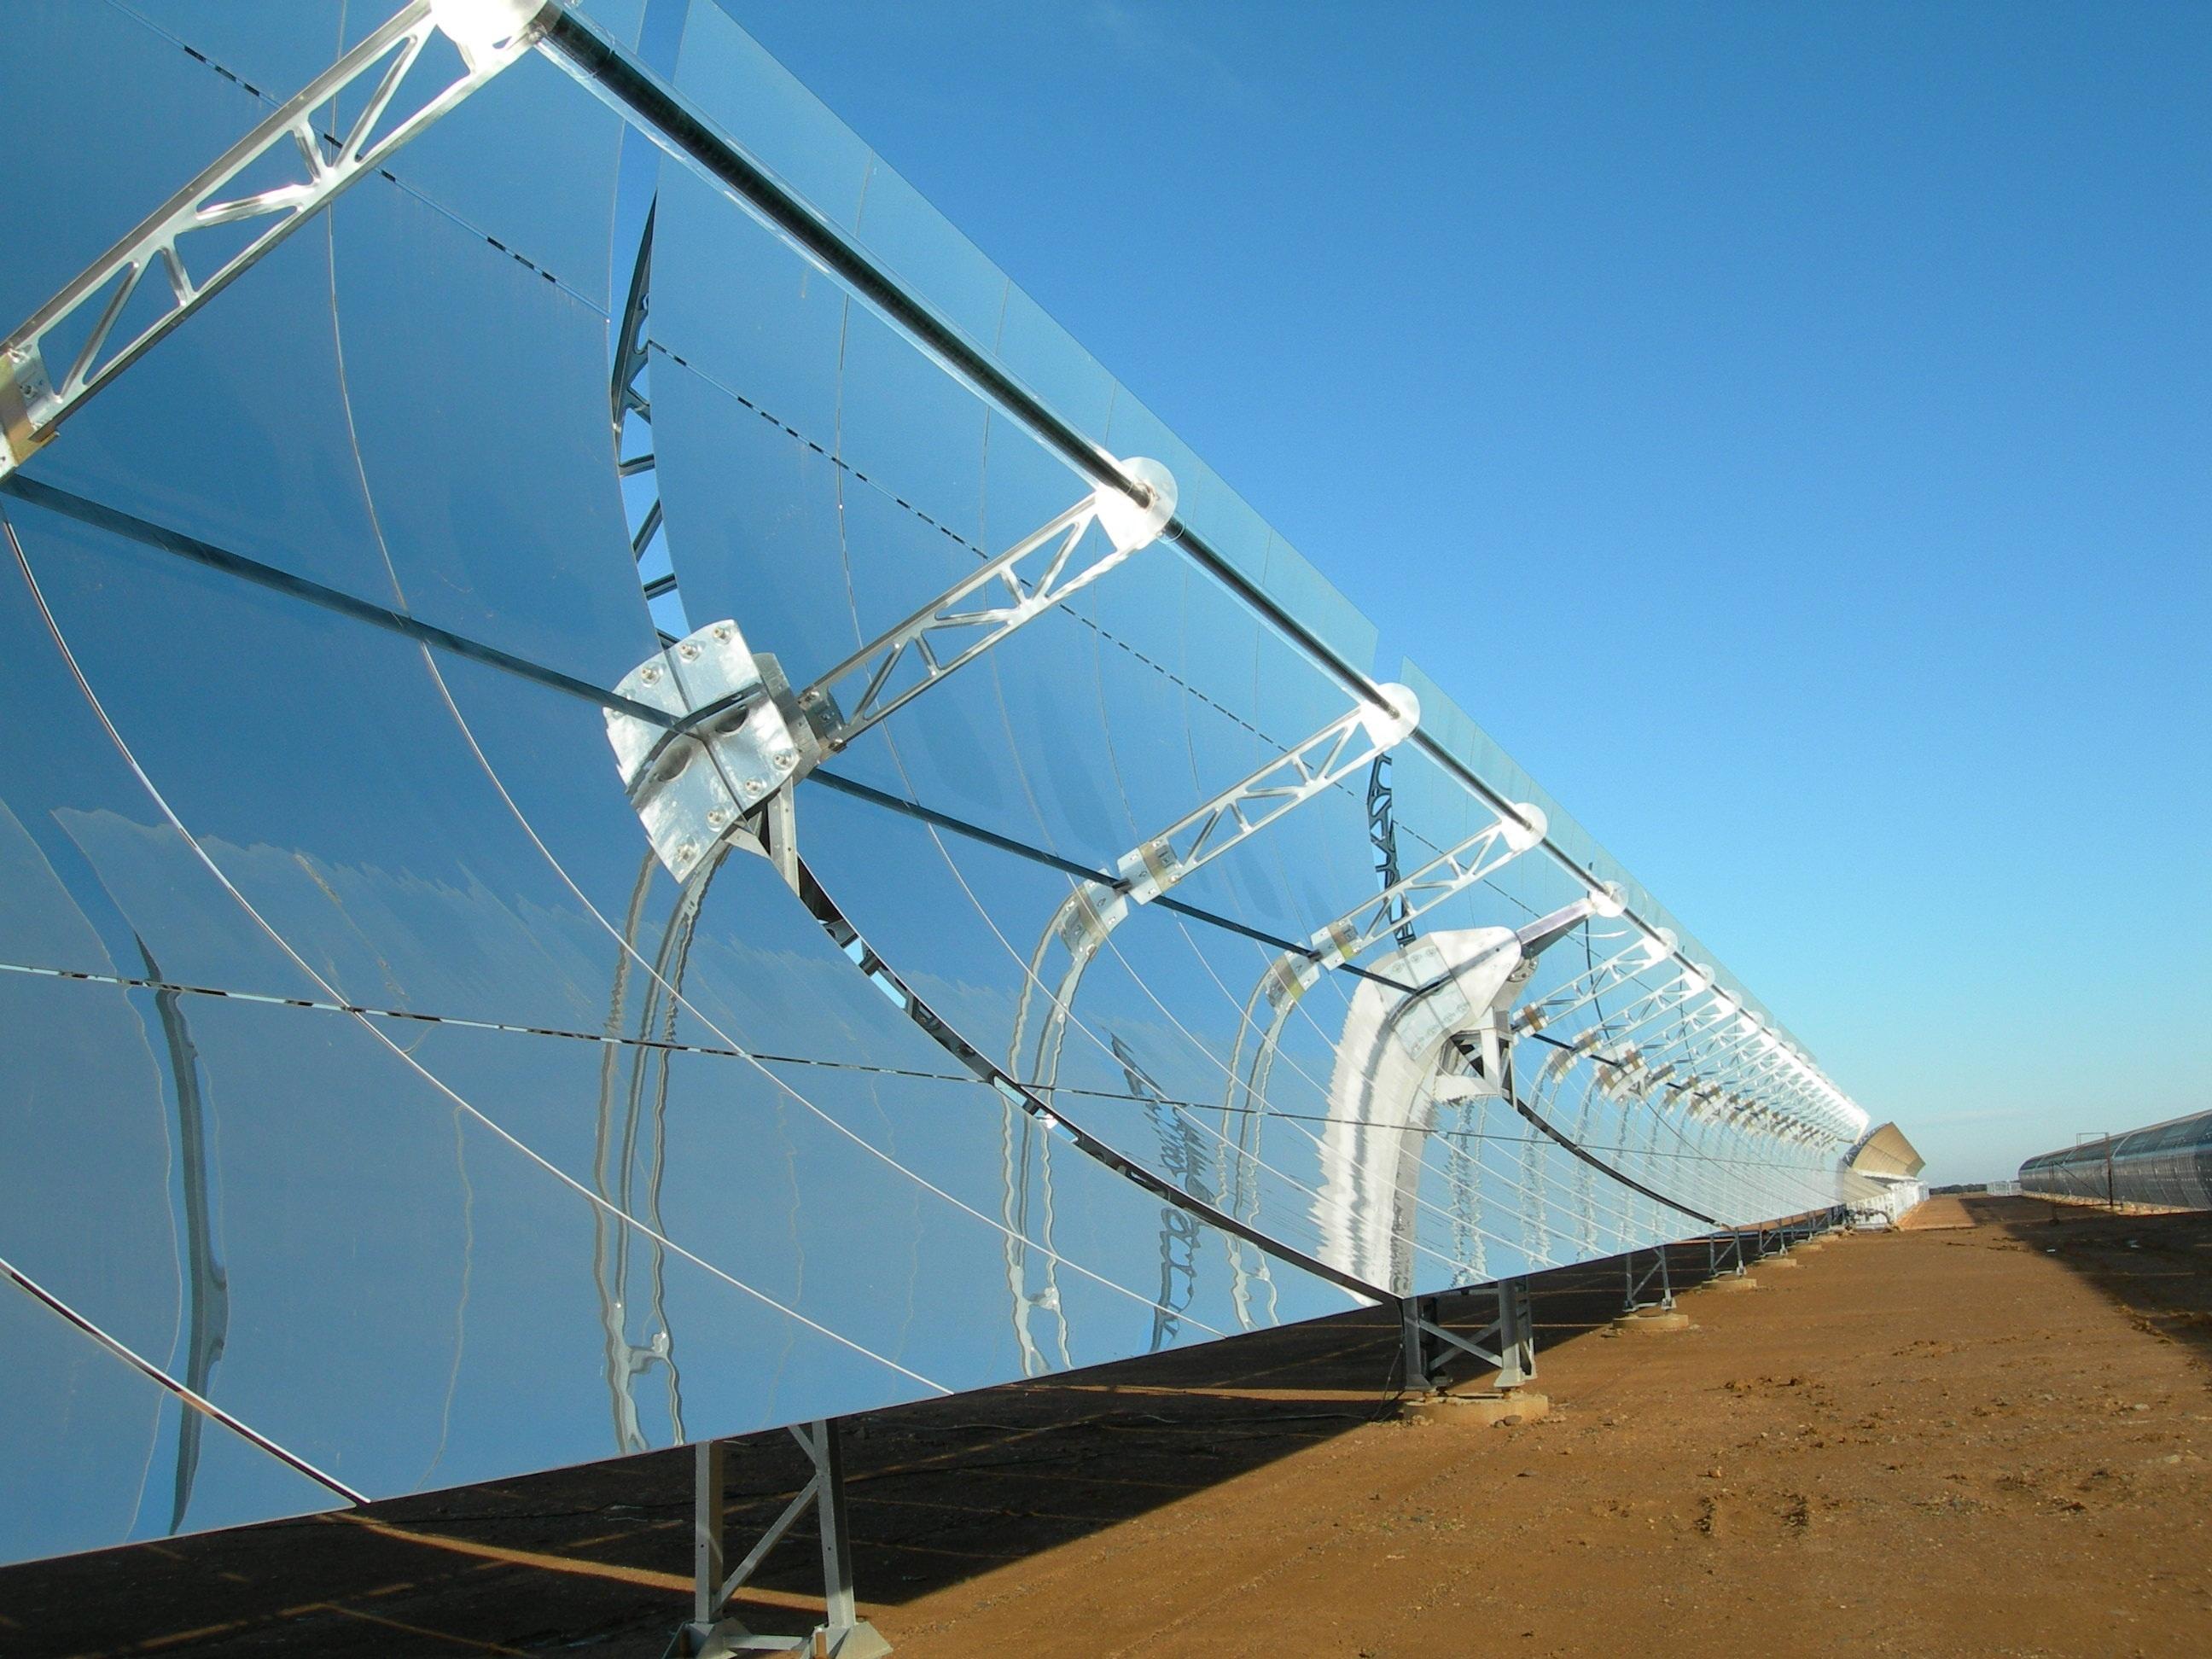 Nace un proyecto que trata de fomentar en Extremadura la cooperación en materia de eficiencia energética